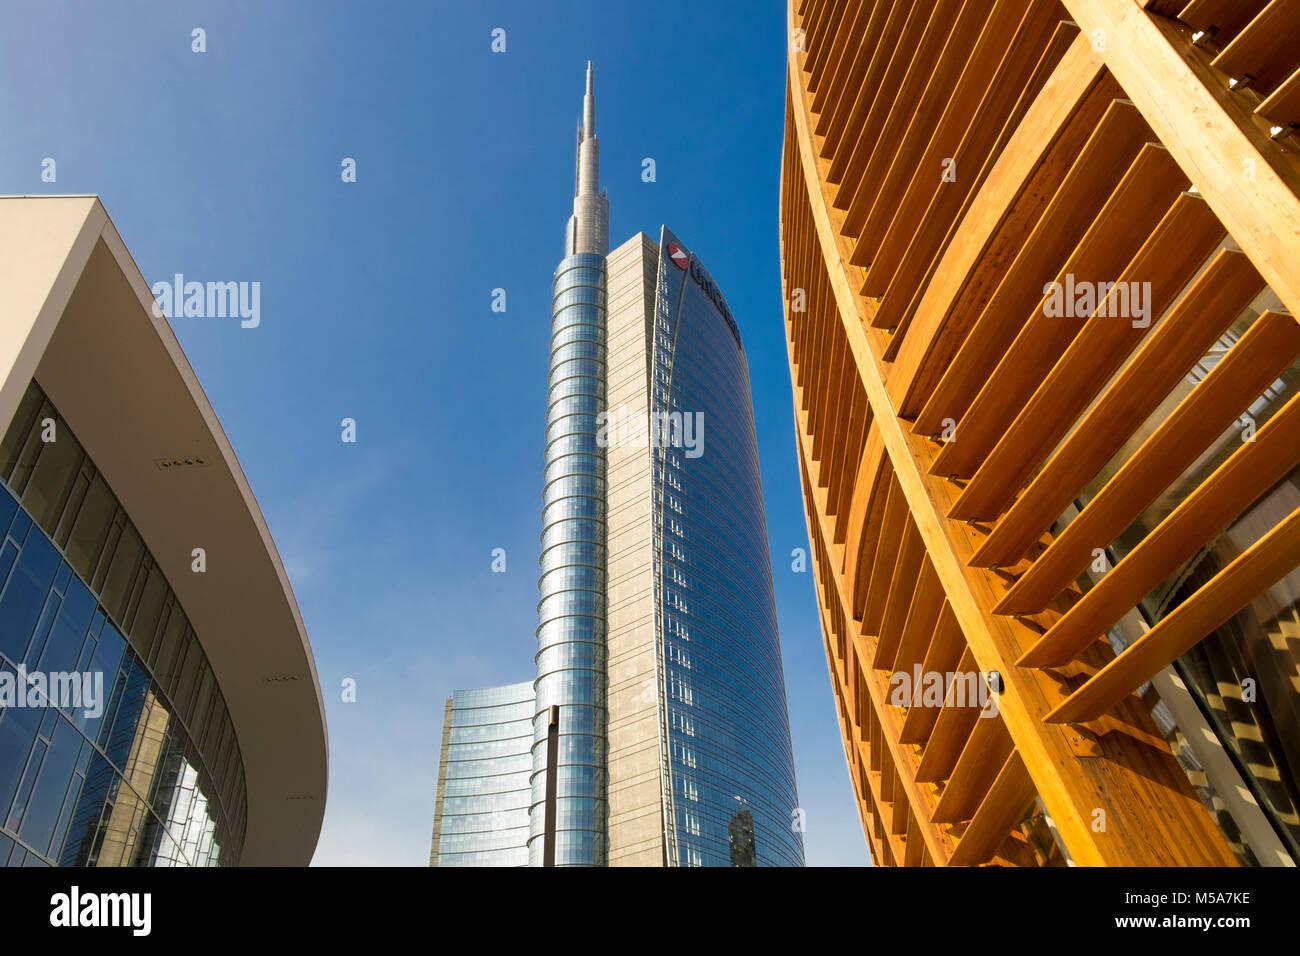 Architettura moderna - UniCredit Torre UniCredit a Porta Nuova quartiere degli affari di Milano, Italia, con il Immagini Stock